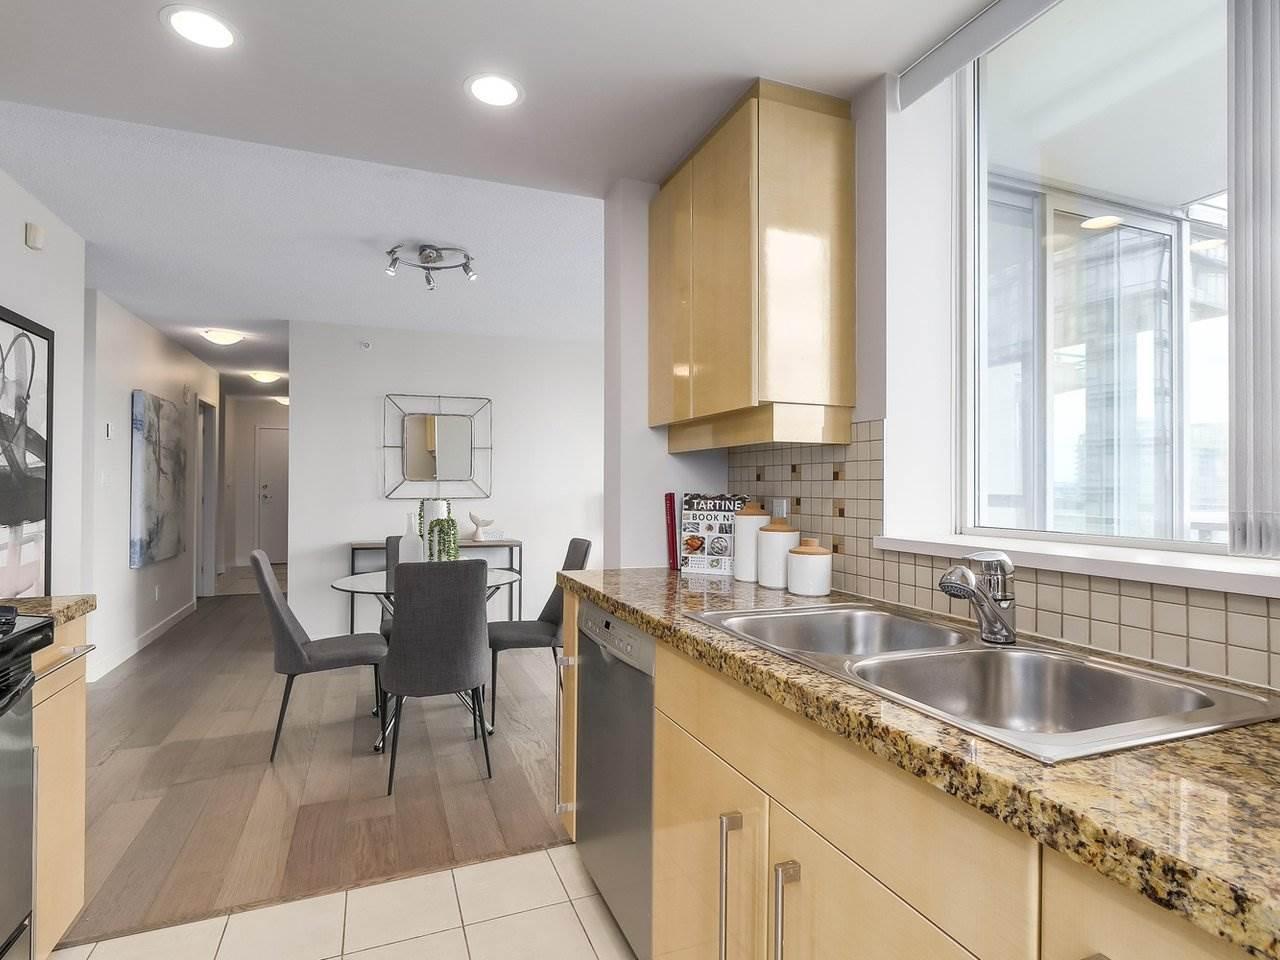 Condo Apartment at 1102 1408 STRATHMORE MEWS, Unit 1102, Vancouver West, British Columbia. Image 9